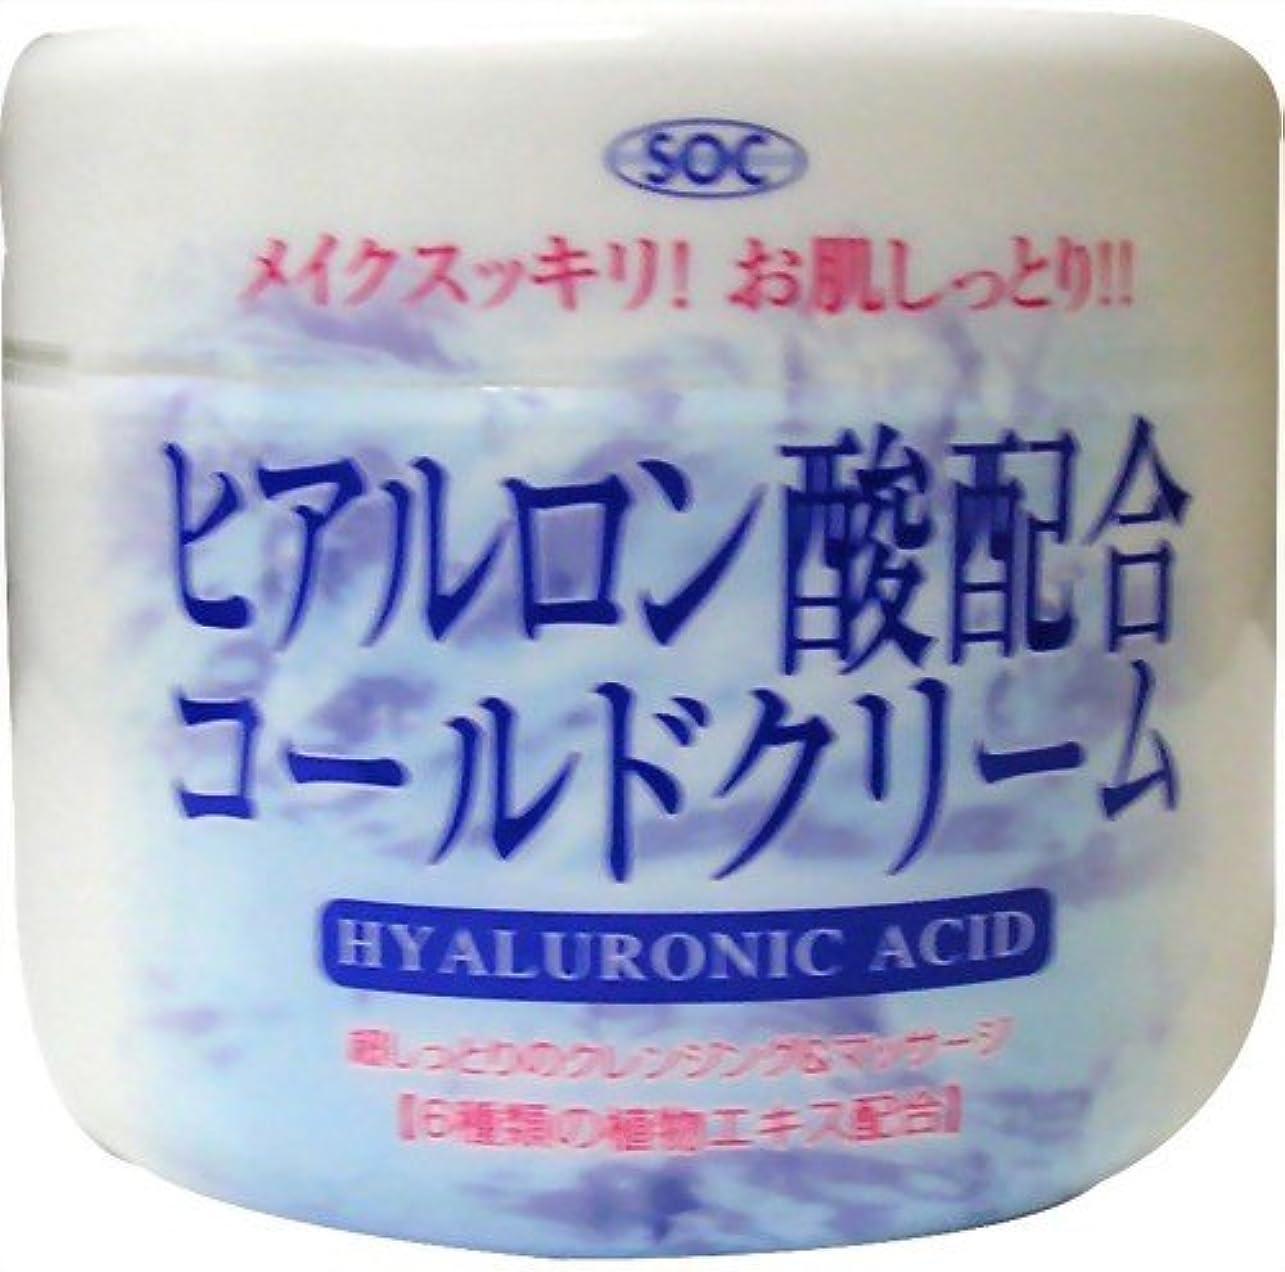 絶え間ない懐疑的マーキー澁谷油脂 ヒアルロン酸コールドクリーム 270g